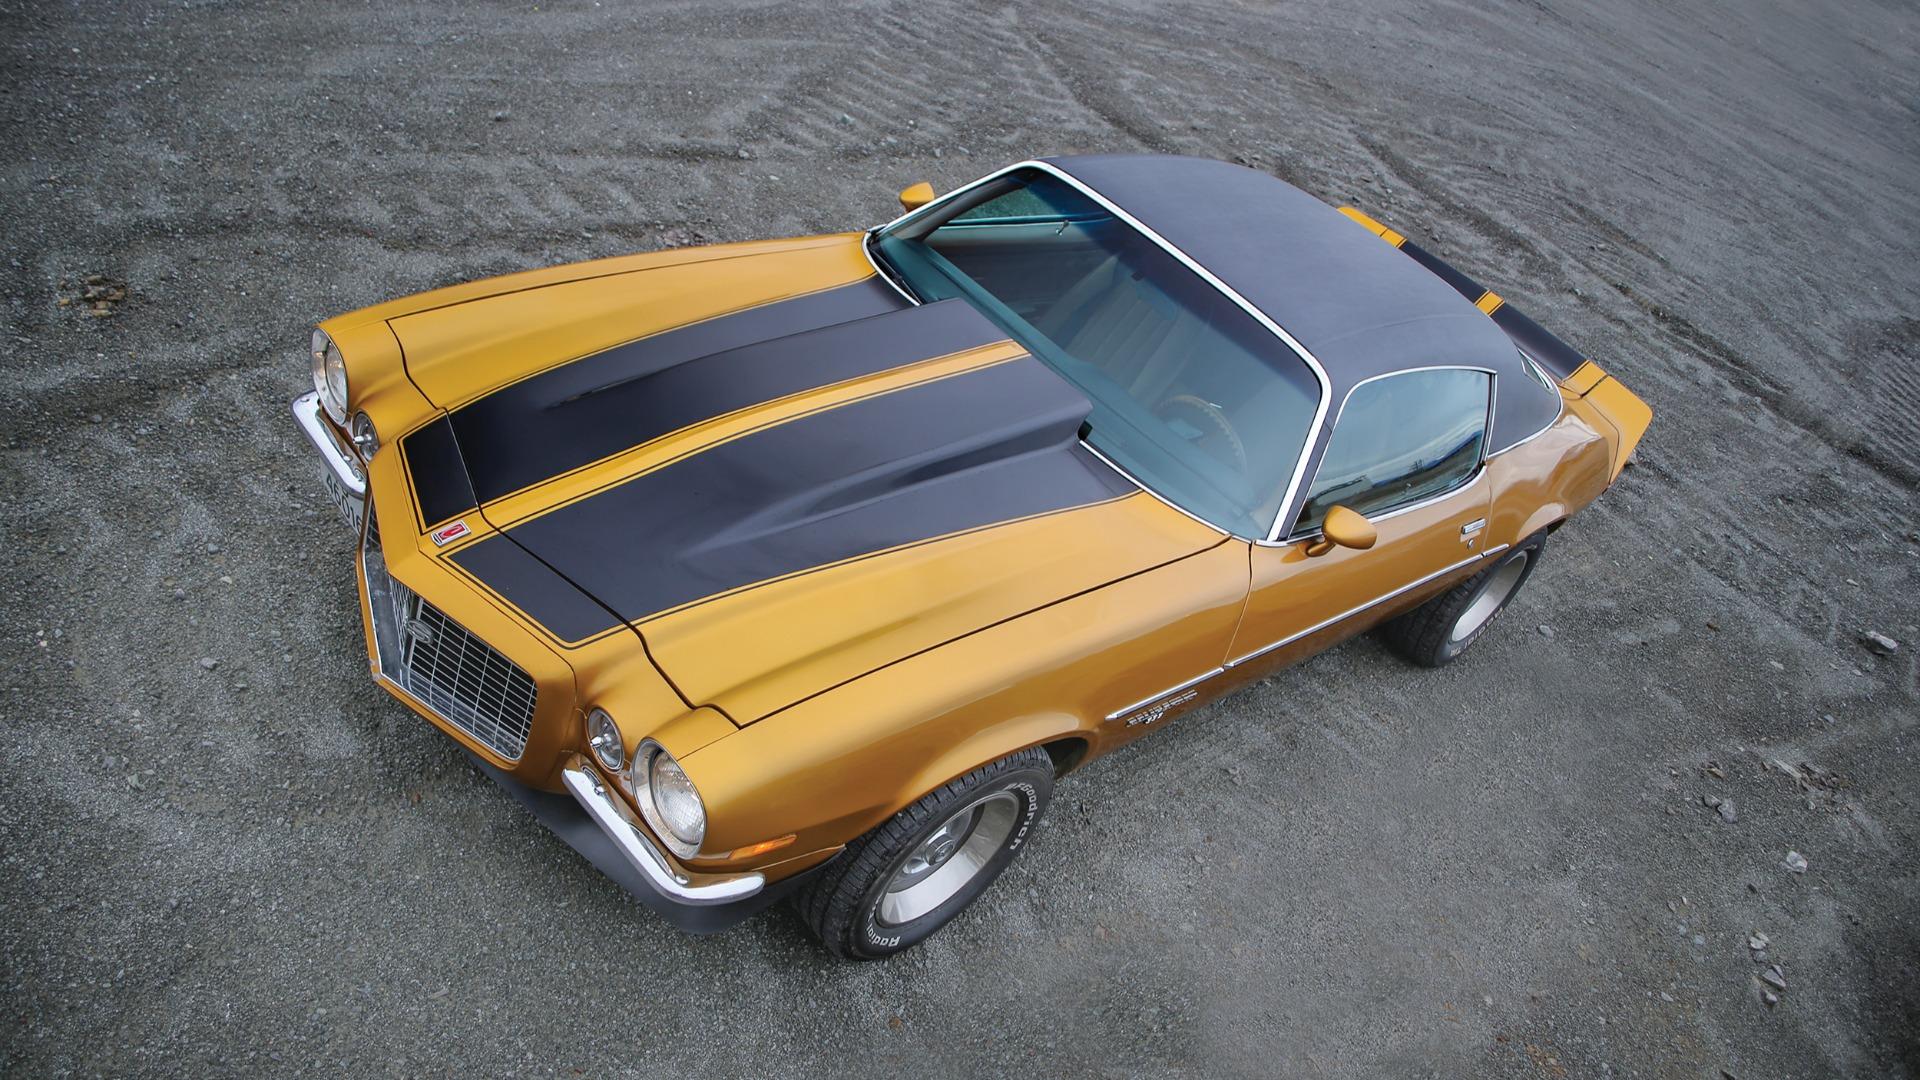 Når kobber blir til gull – 1973 Chevrolet Camaro